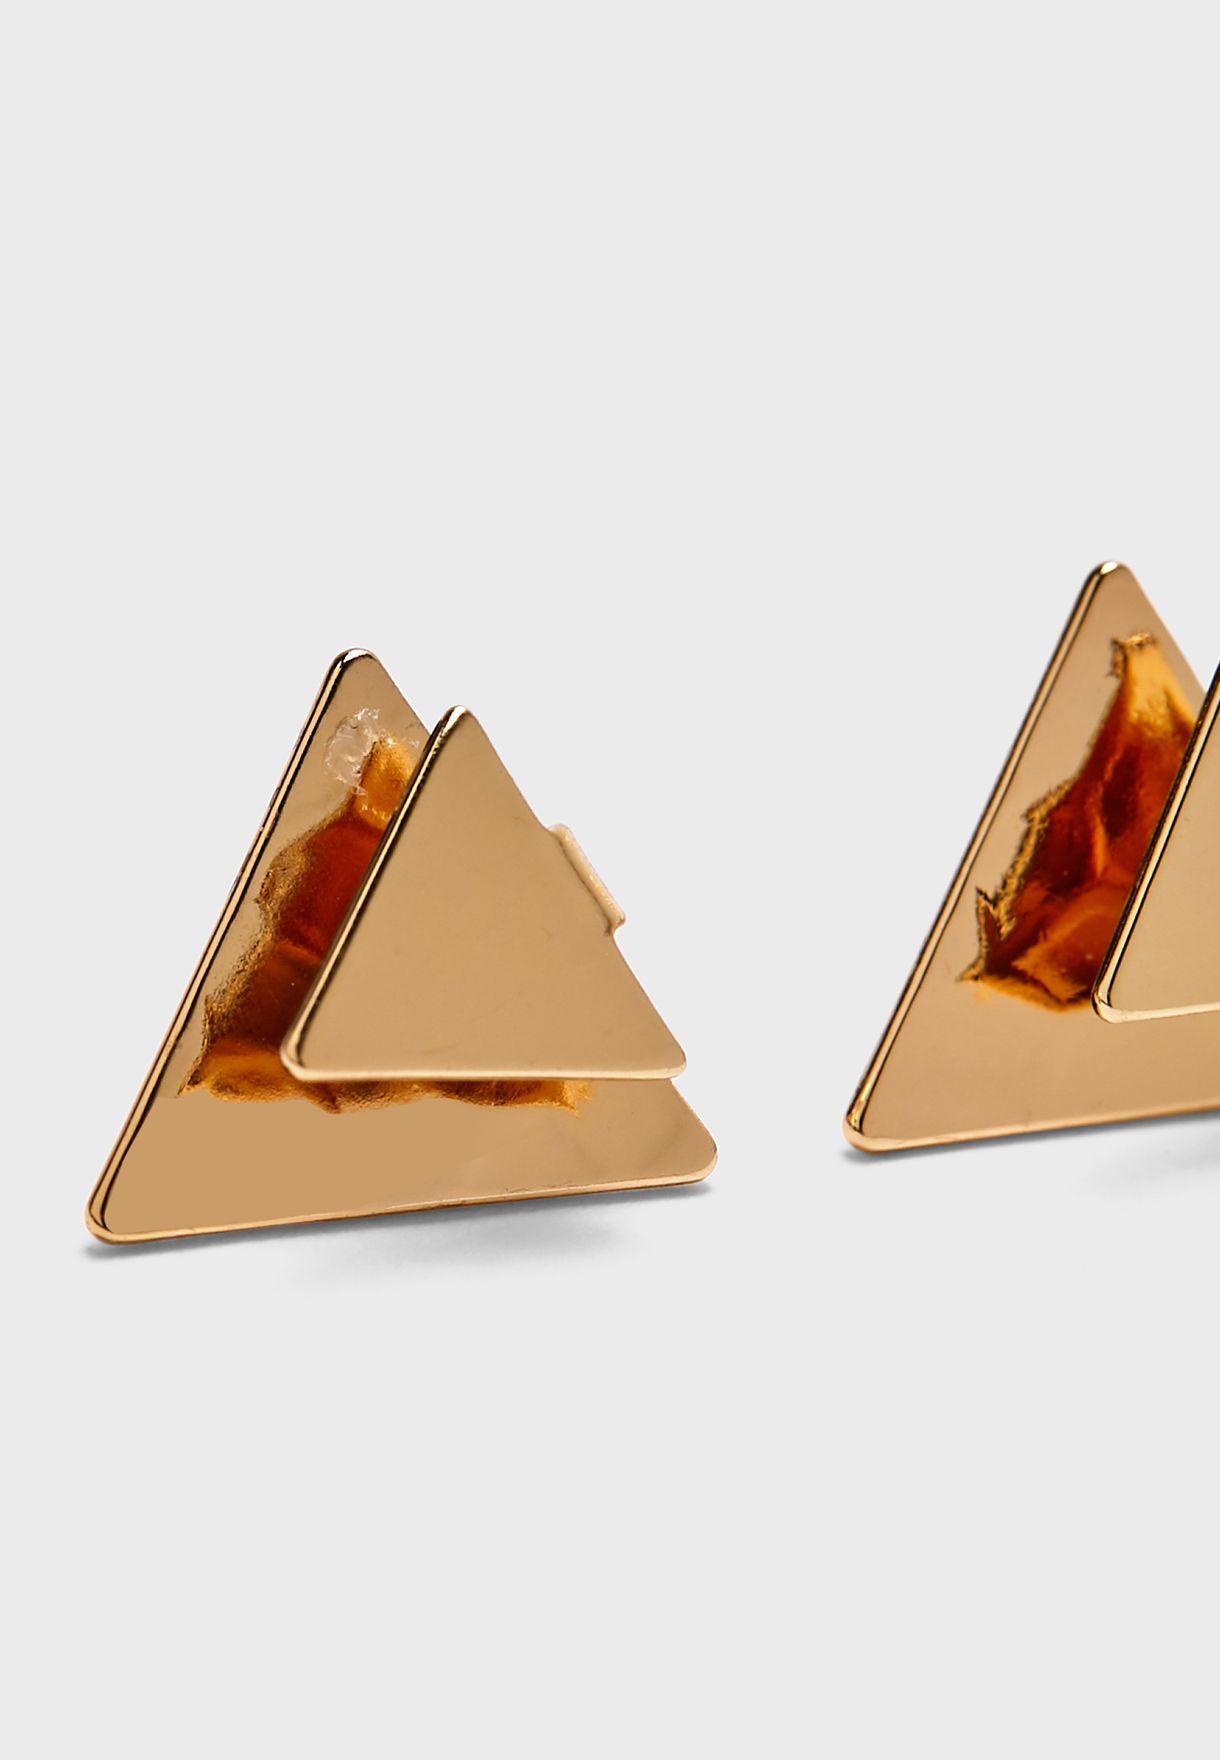 قرط دبوسي مثلث